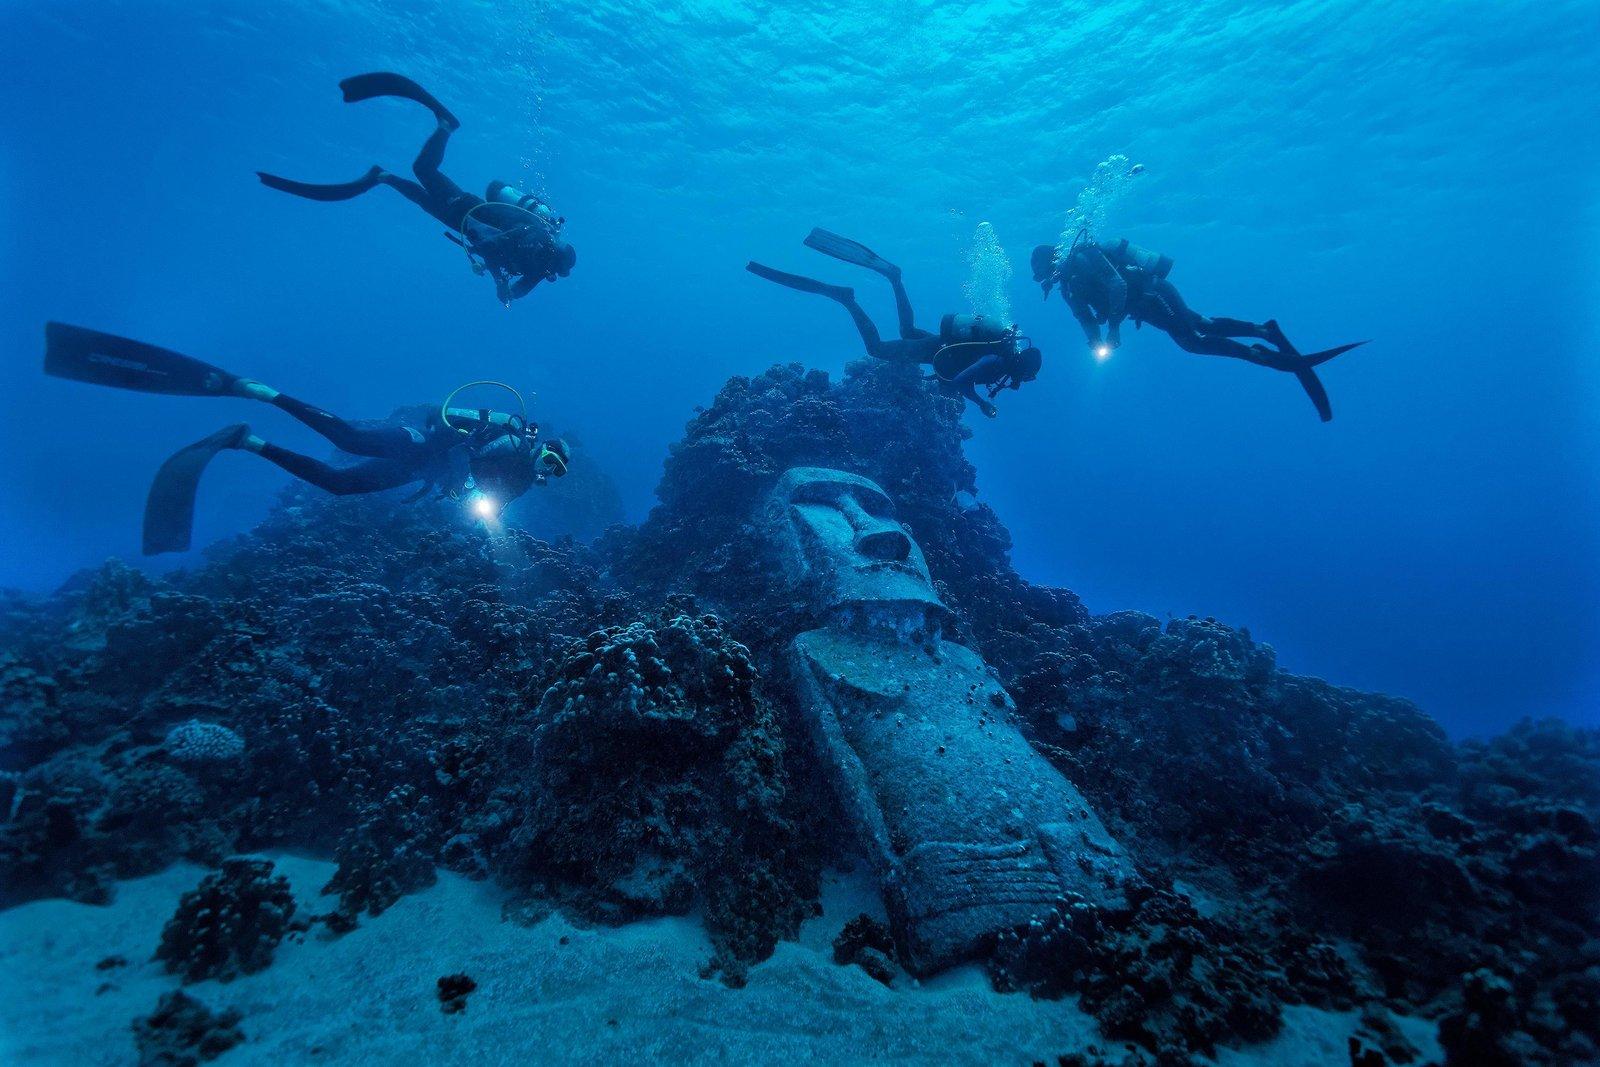 Lạc vào thế giới khác khi chiêm ngưỡng những bức tượng 'lạc trôi' dưới nước